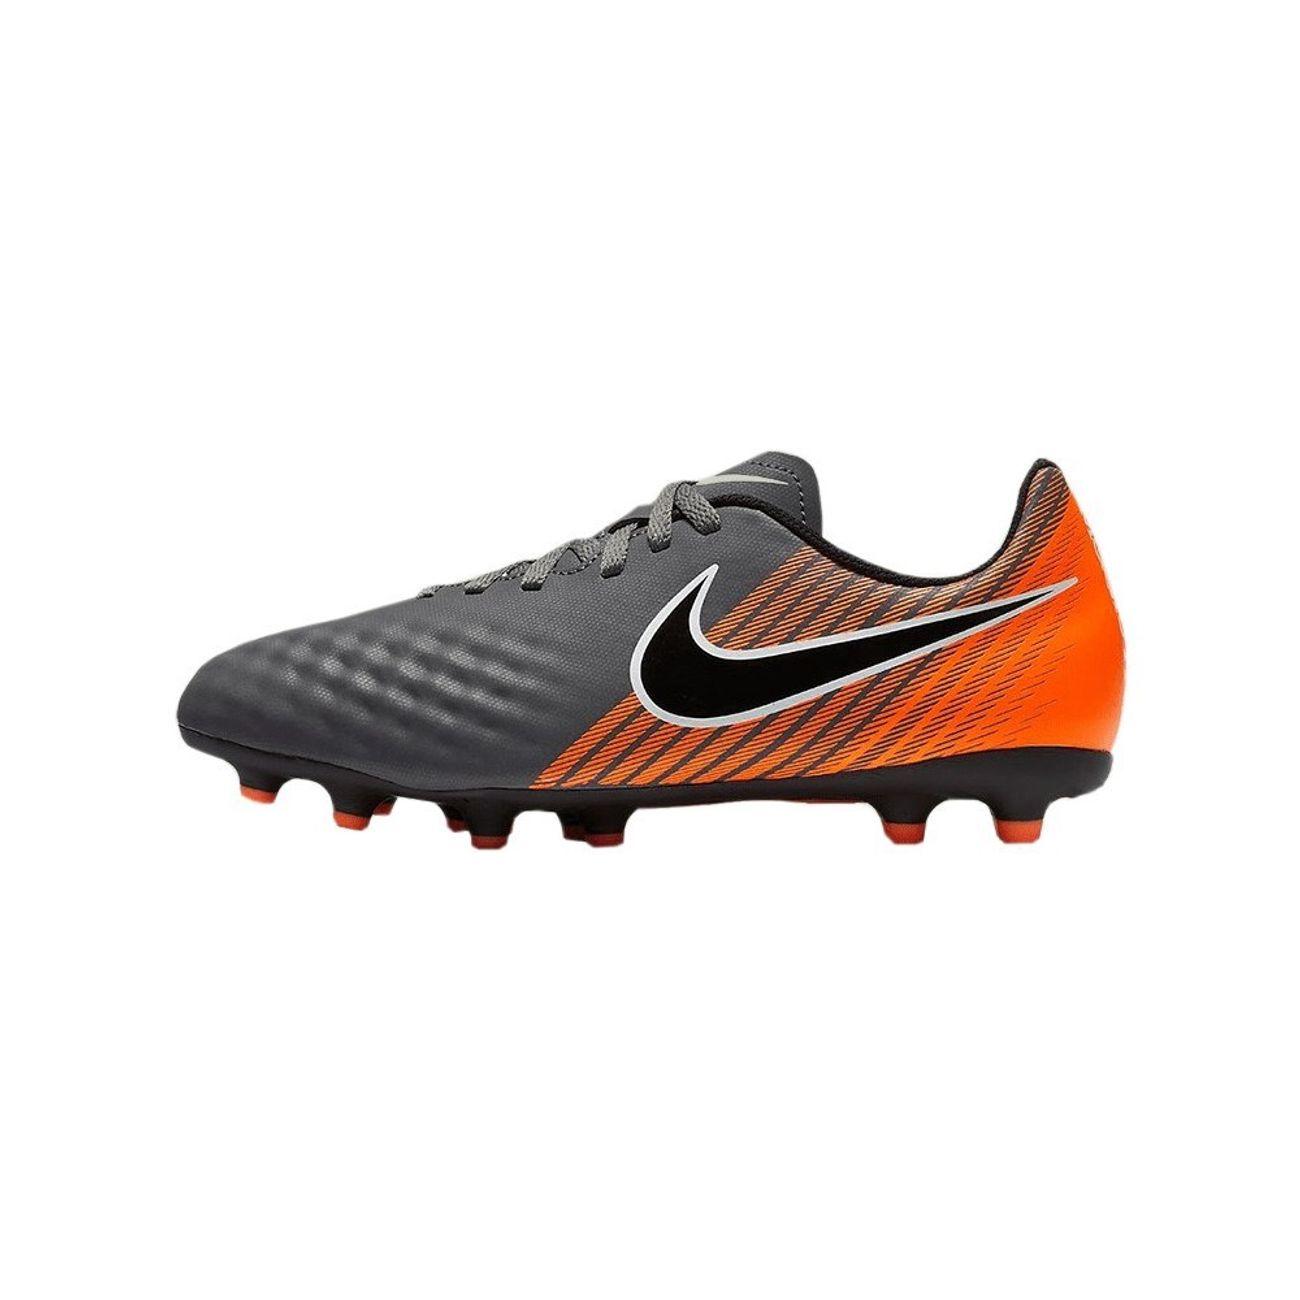 meilleur authentique 815c8 d5b42 Nike JR Magista Obra 2 Club FG Fast AF – achat et prix pas ...